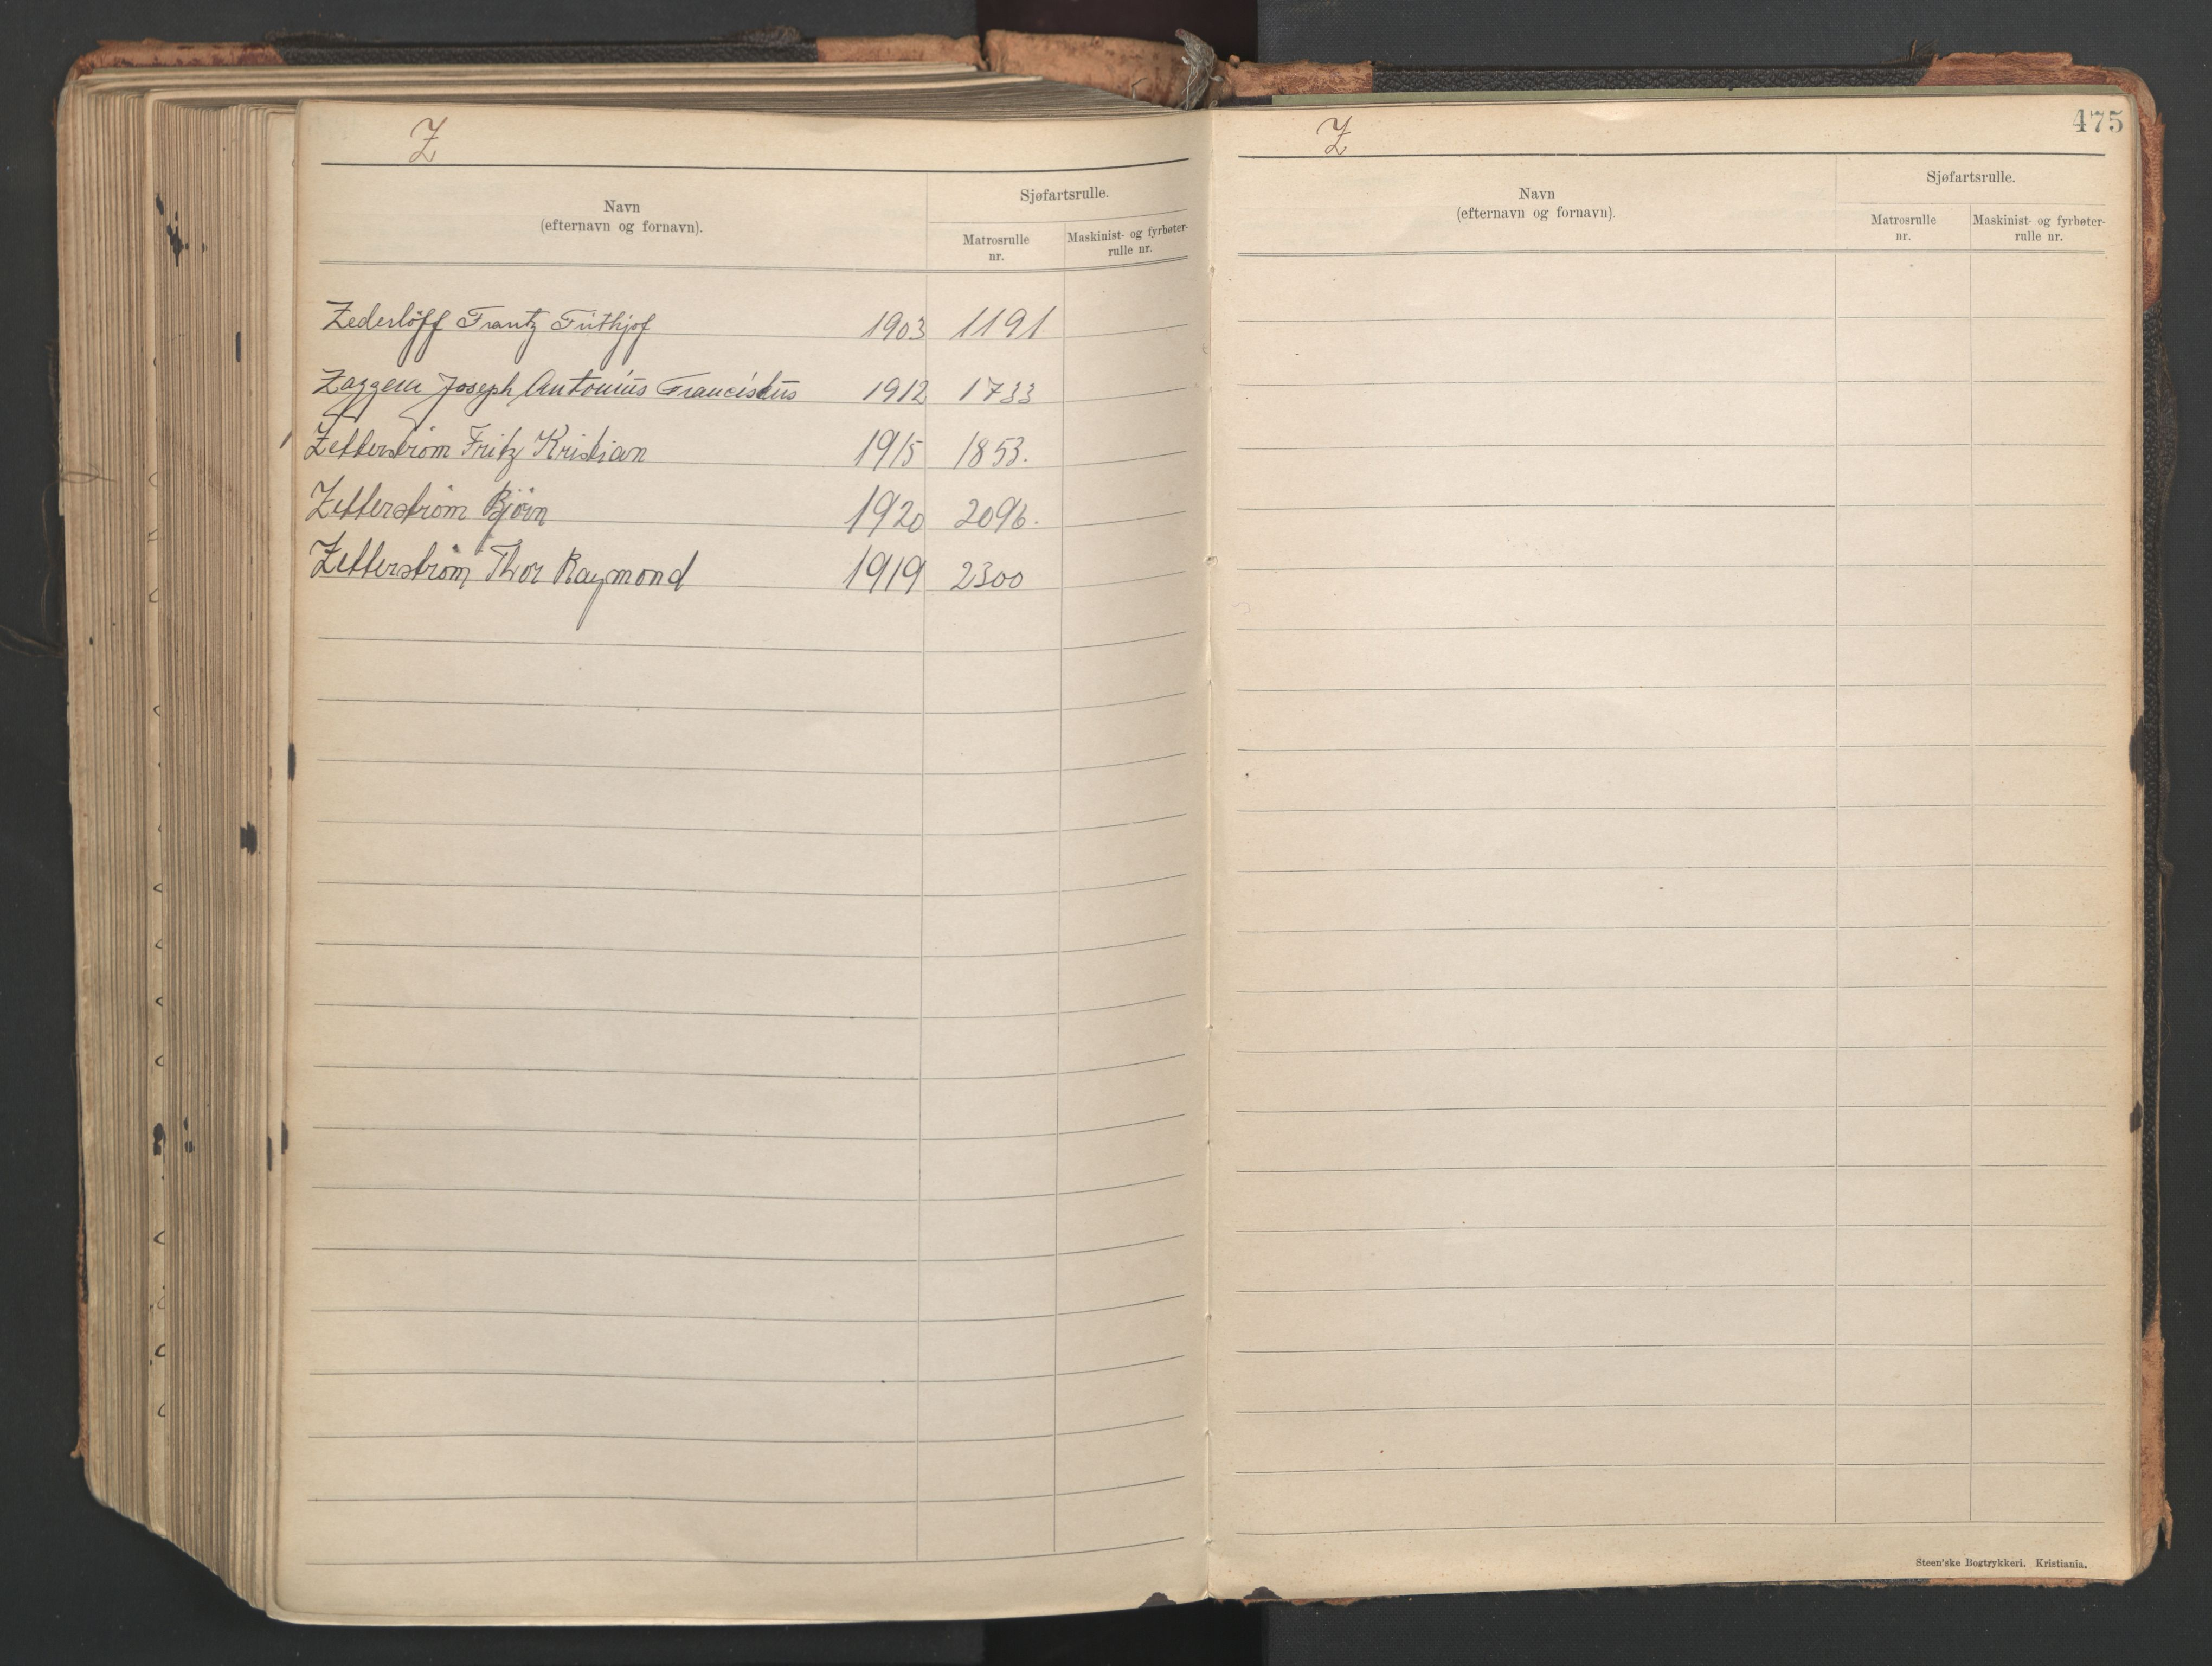 SAST, Stavanger sjømannskontor, F/Fb/Fba/L0005: Navneregister sjøfartsruller, etternavnsregister til hovedrulle 1921, 1921-1947, s. 133